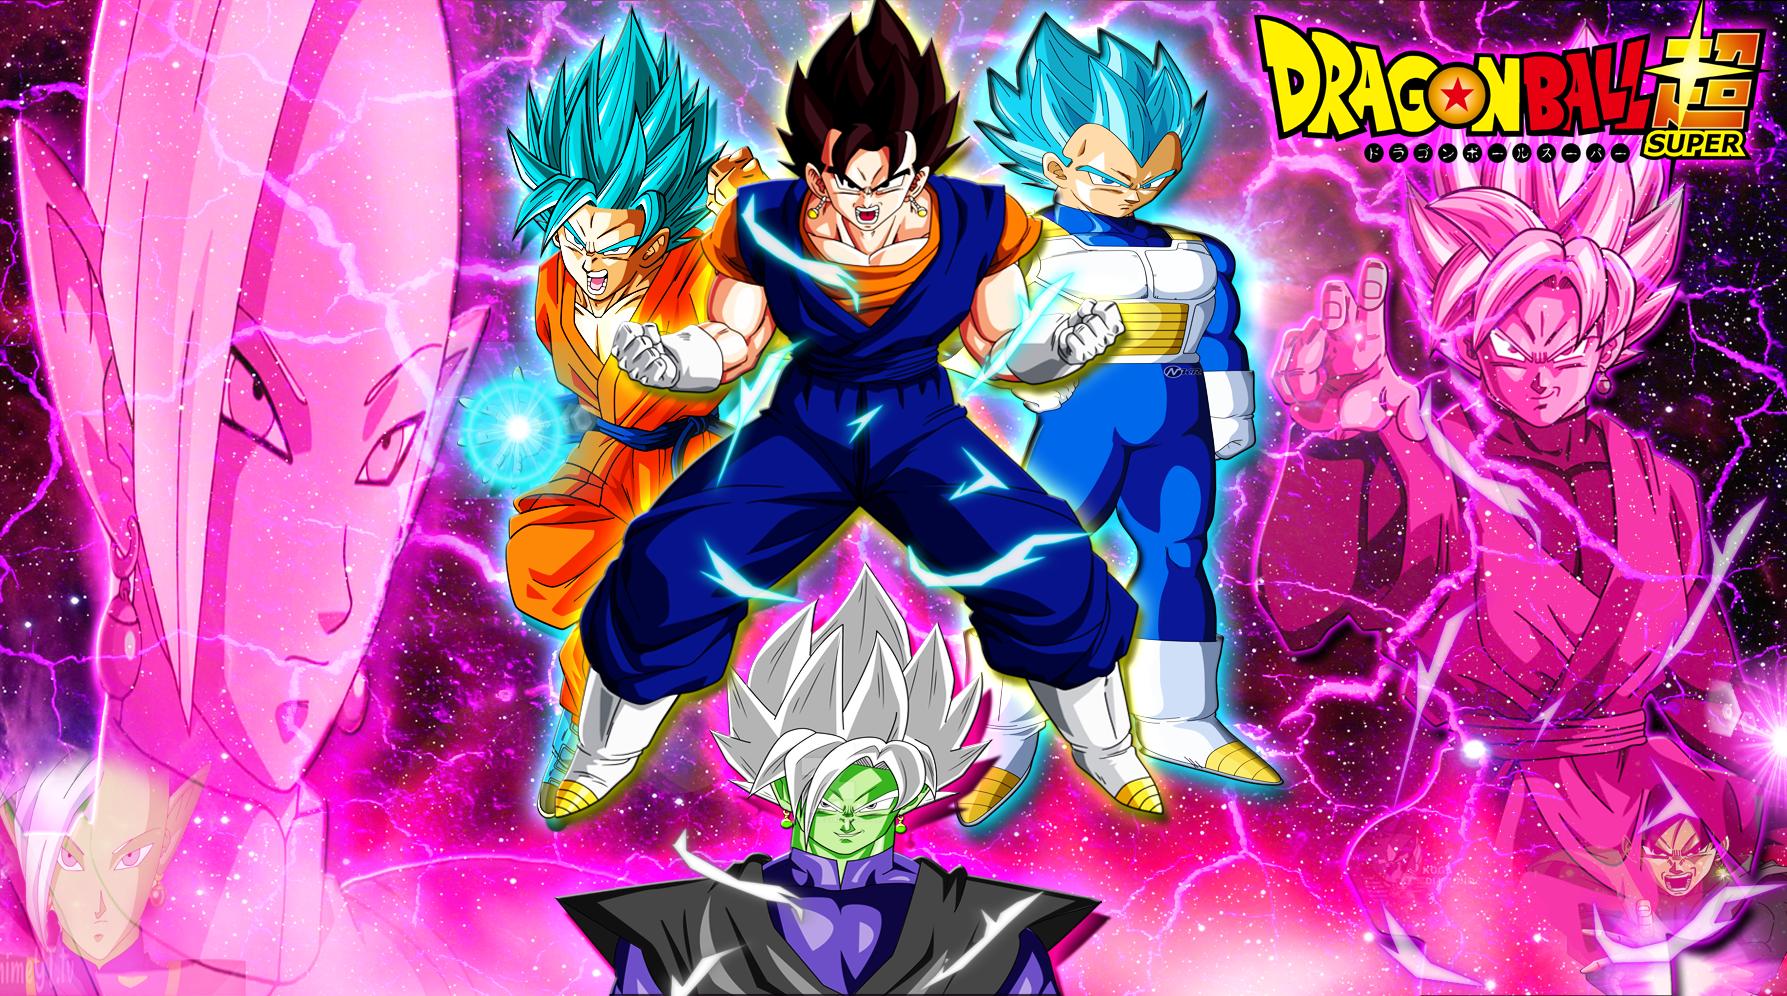 Son Goku De Dragon Ball Z Fondo De Pantalla Super Saiyan: Dragon Ball Z Super Fondo De Pantalla And Fondo De